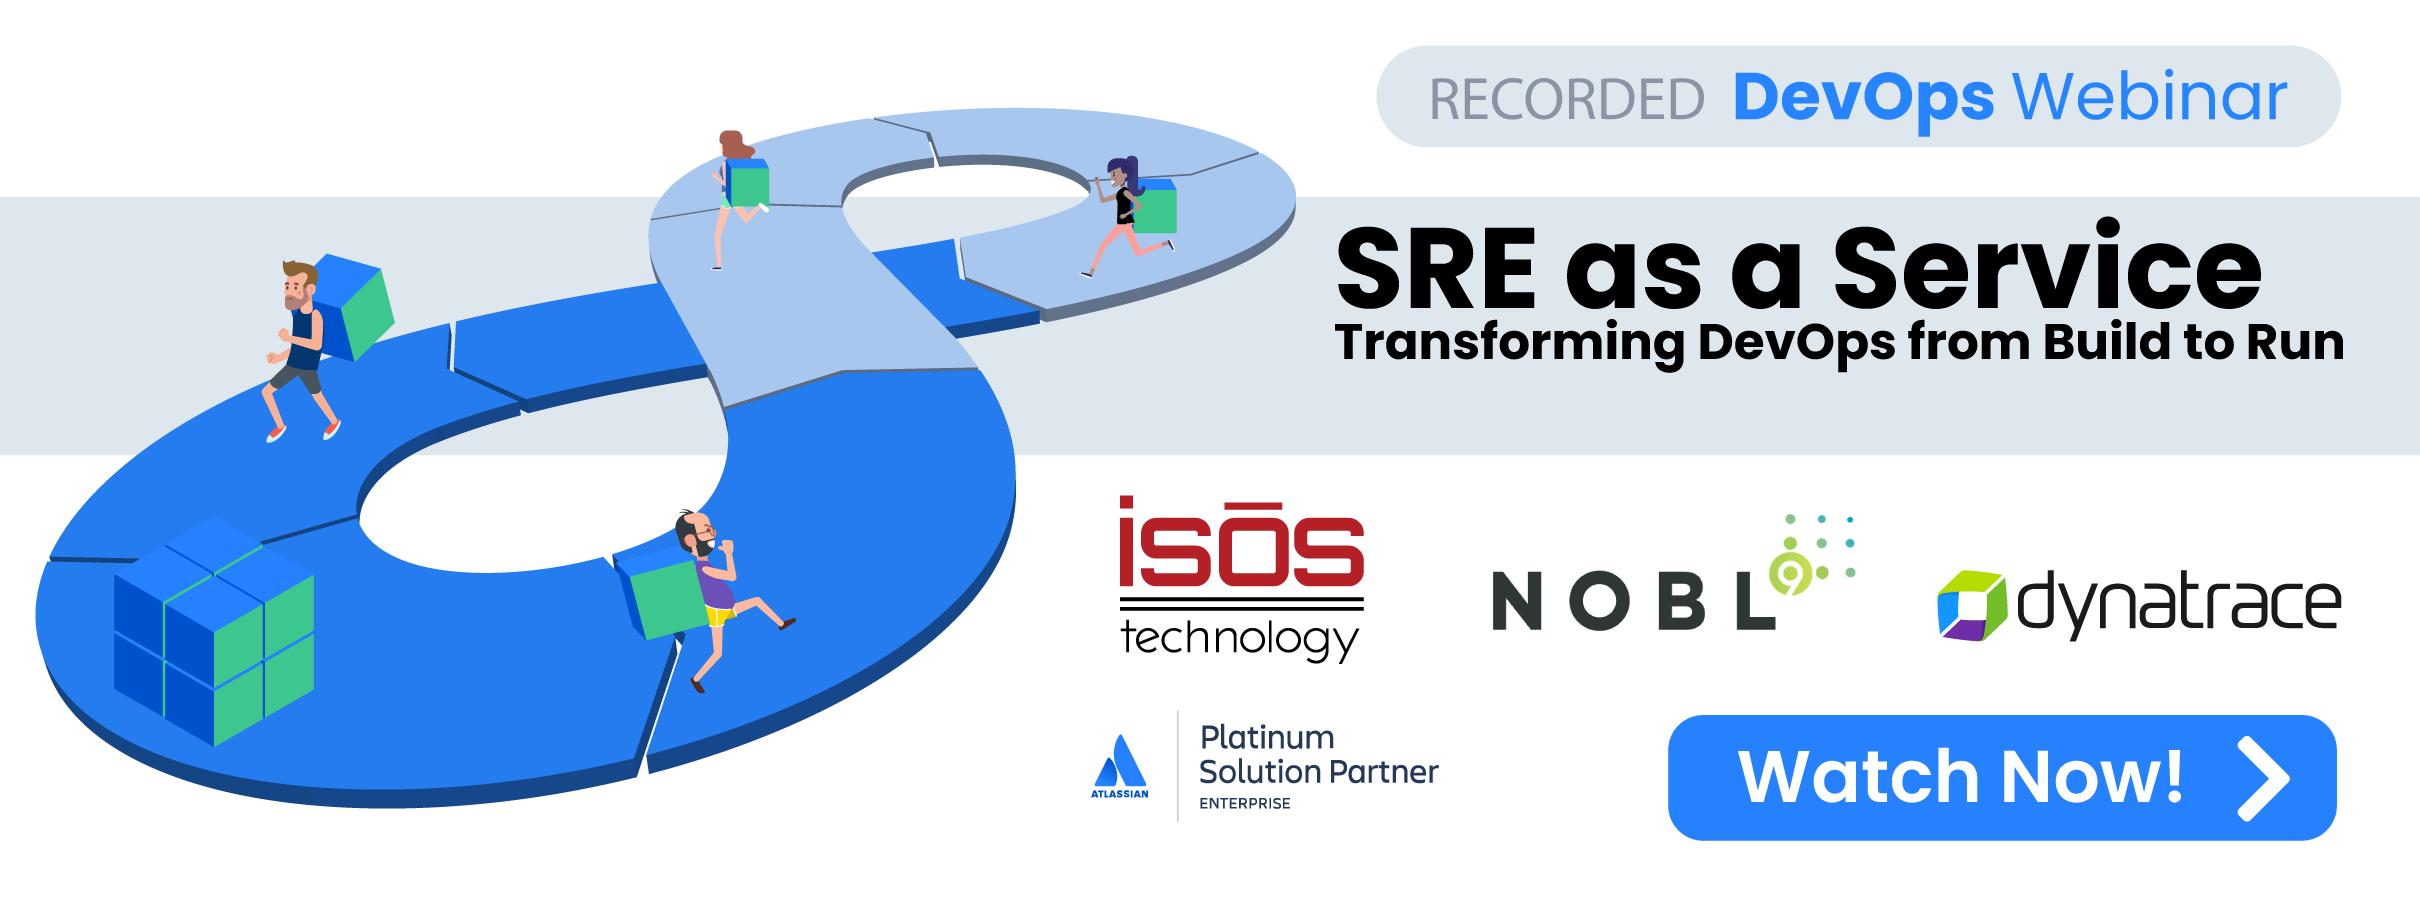 8-2021-SRE-DevOps-recorded-webinar-promo-1